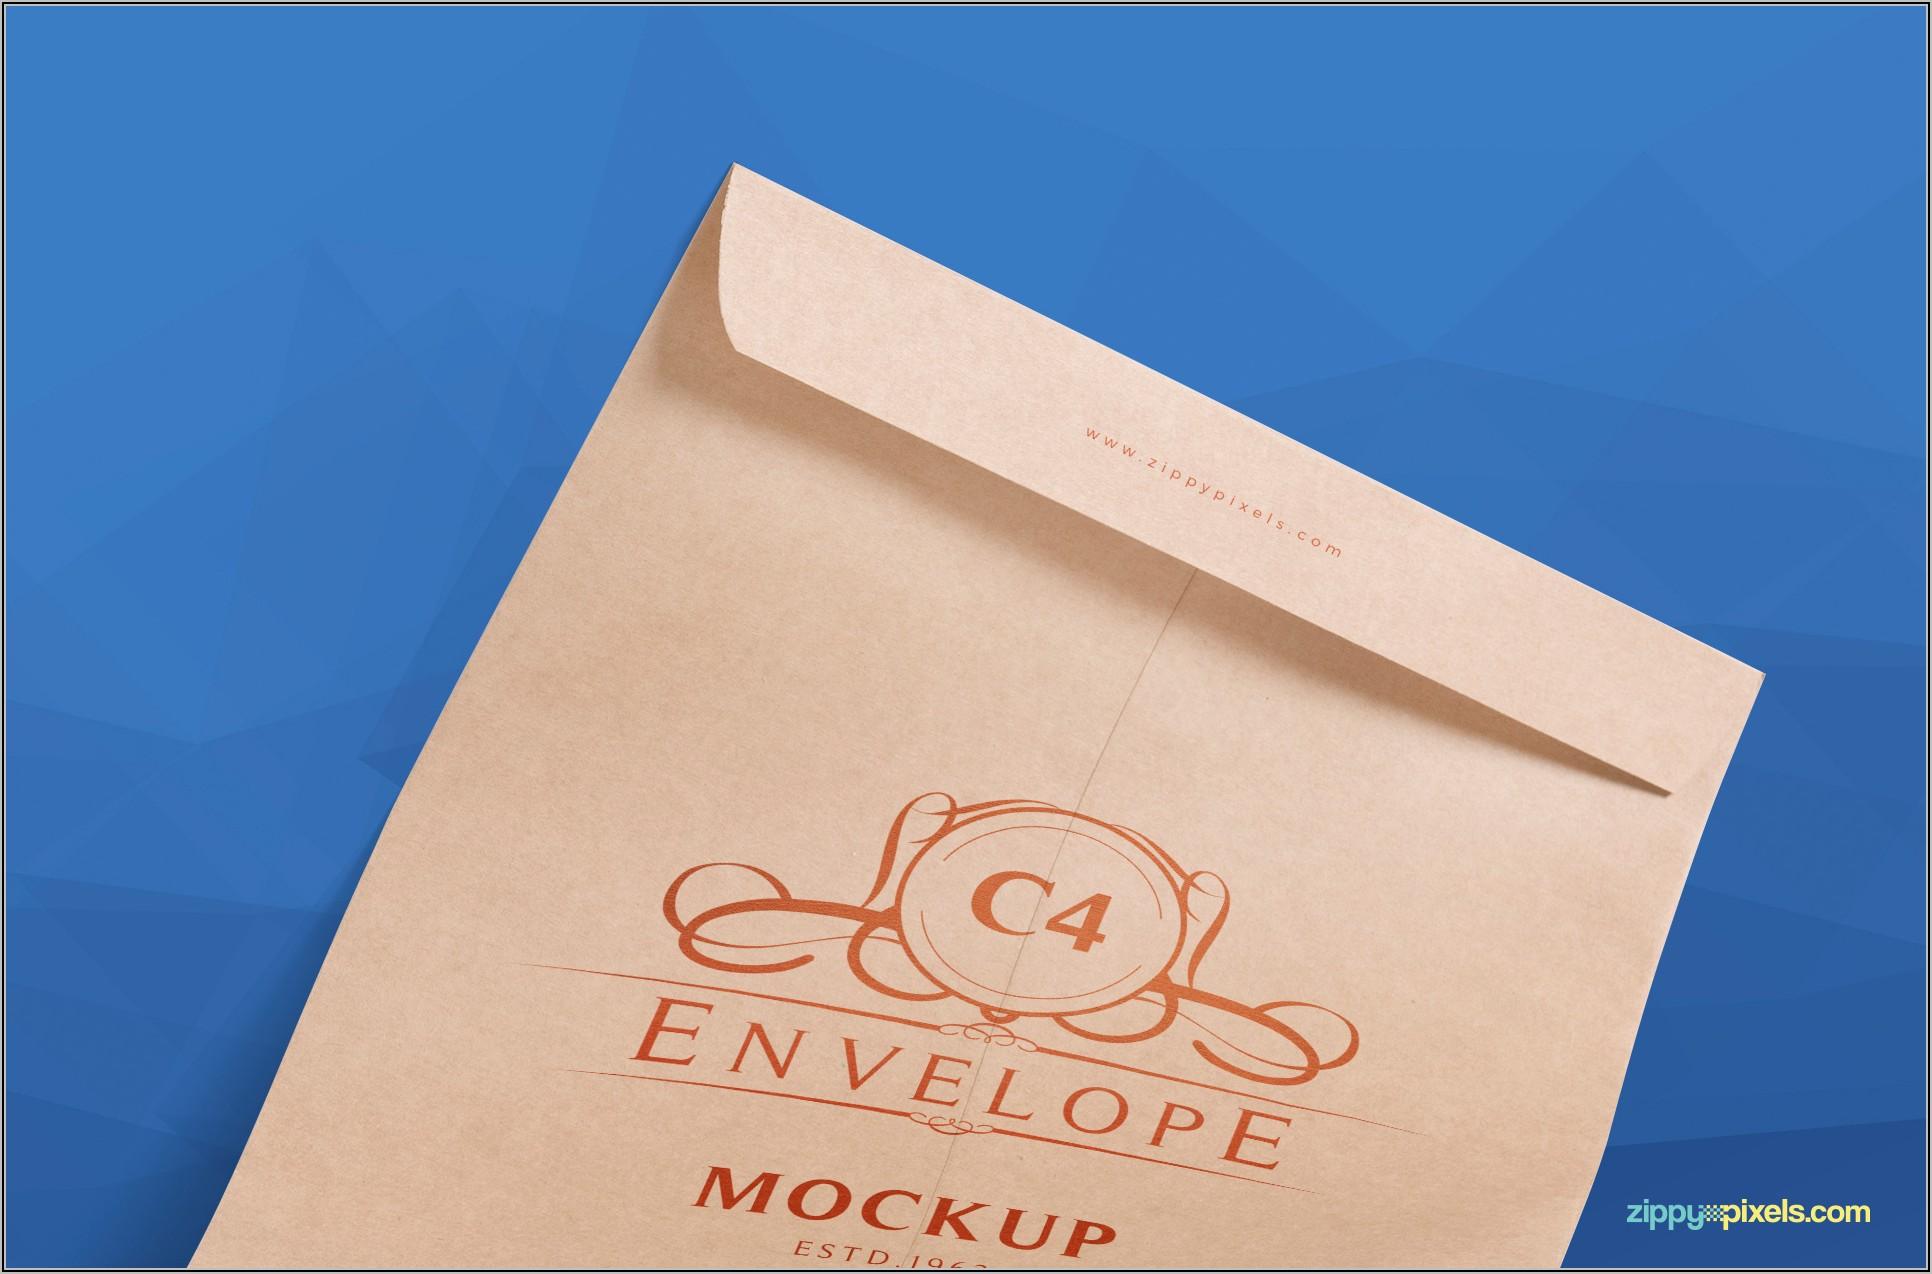 C4 Envelope Mockup Free